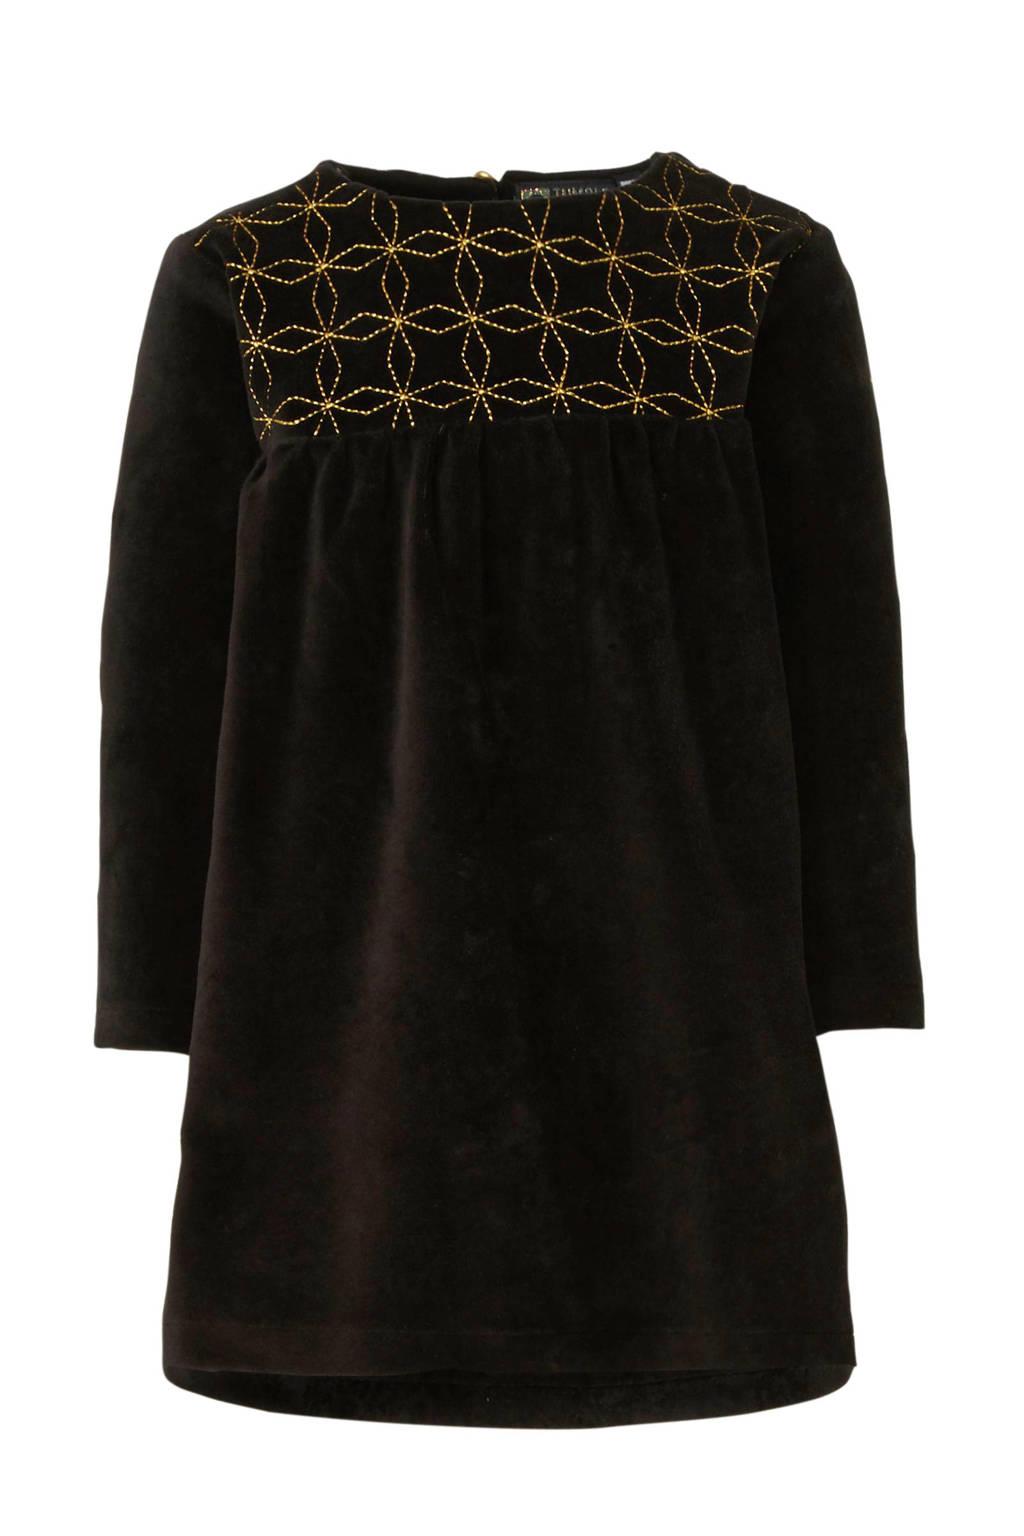 Tumble 'n Dry Lo jurk van fluweel zwart/goud, Zwart/goud